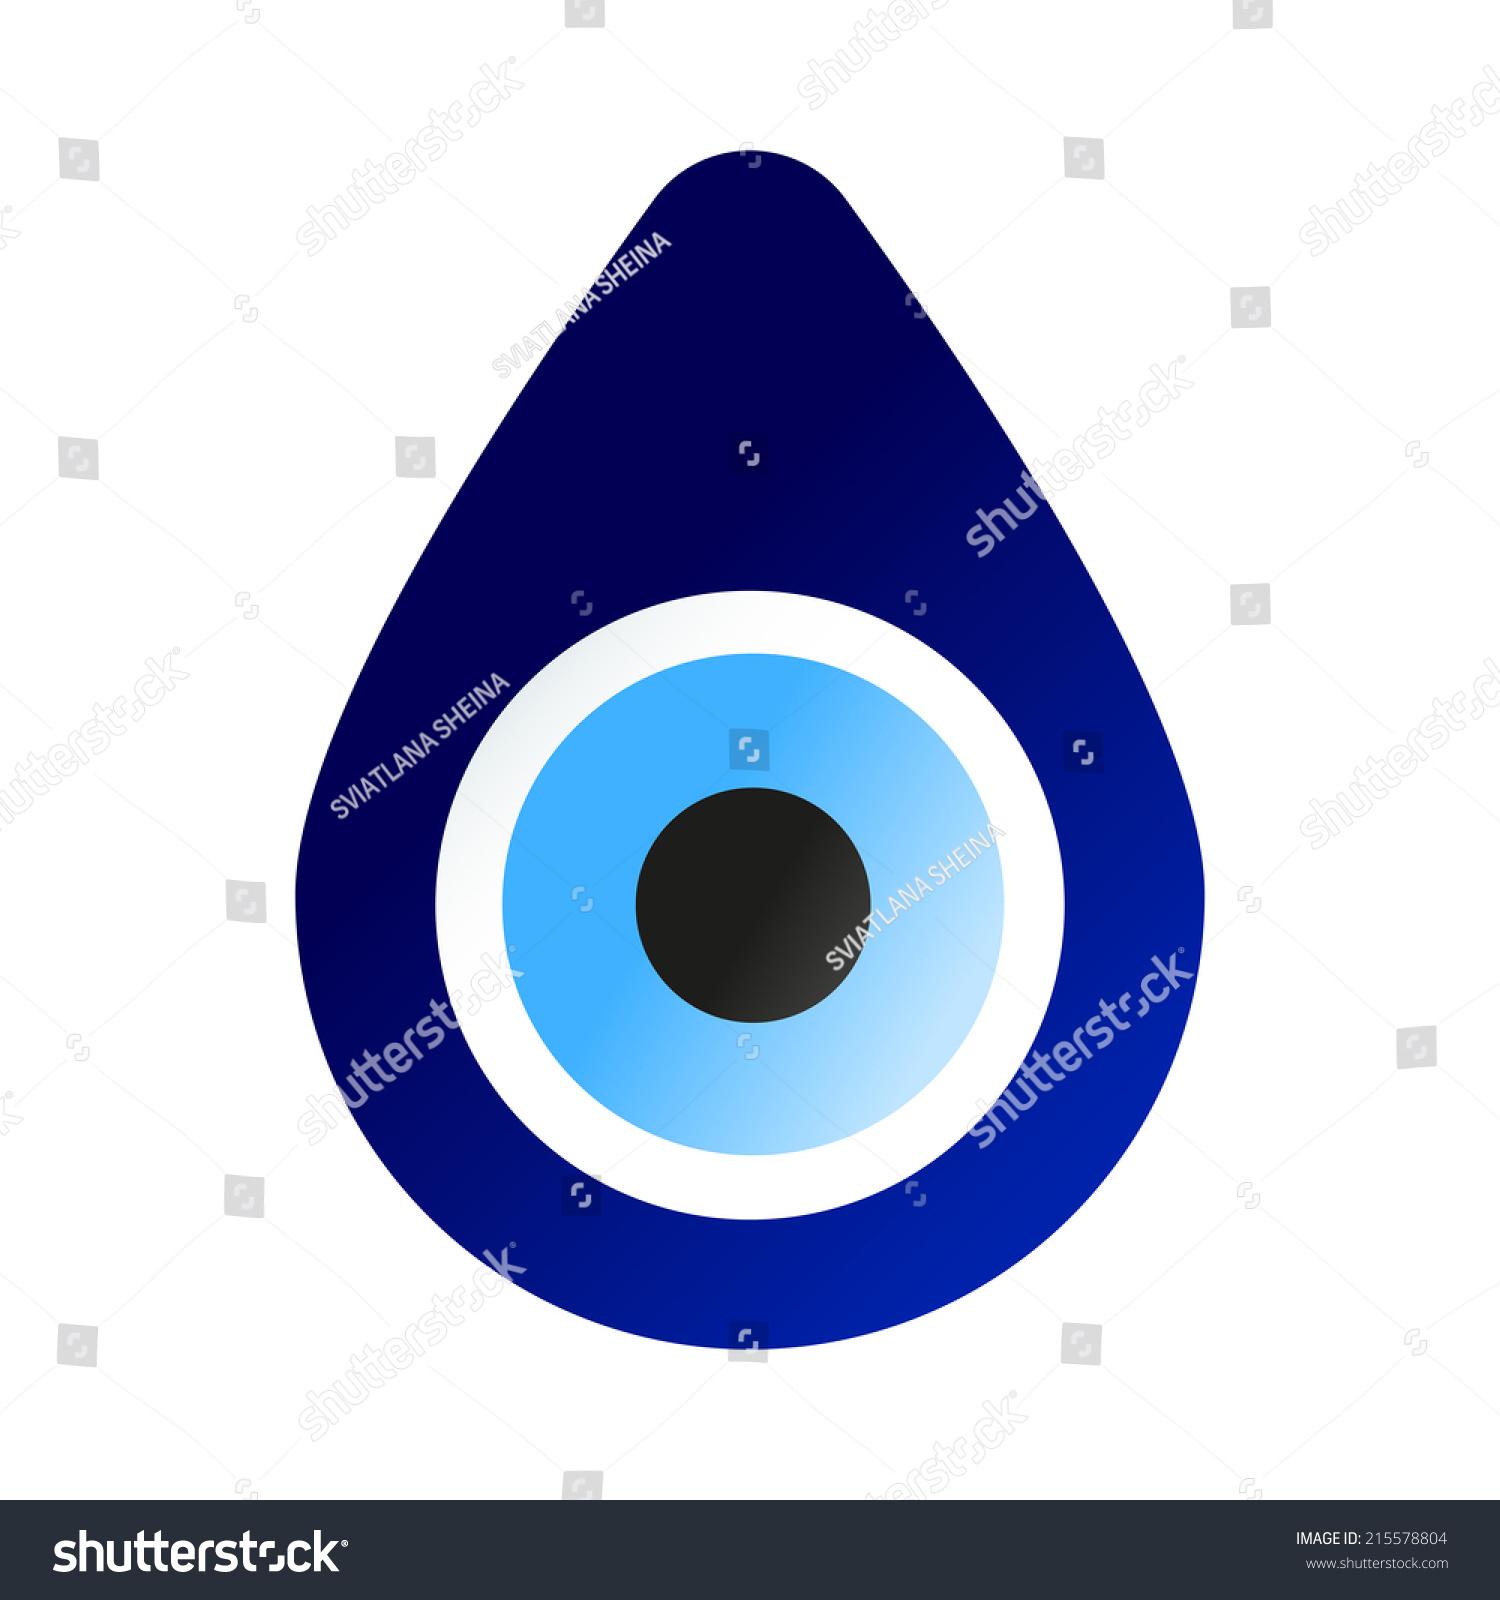 Turkish amulet evil eye stock illustration 215578804 shutterstock turkish amulet evil eye biocorpaavc